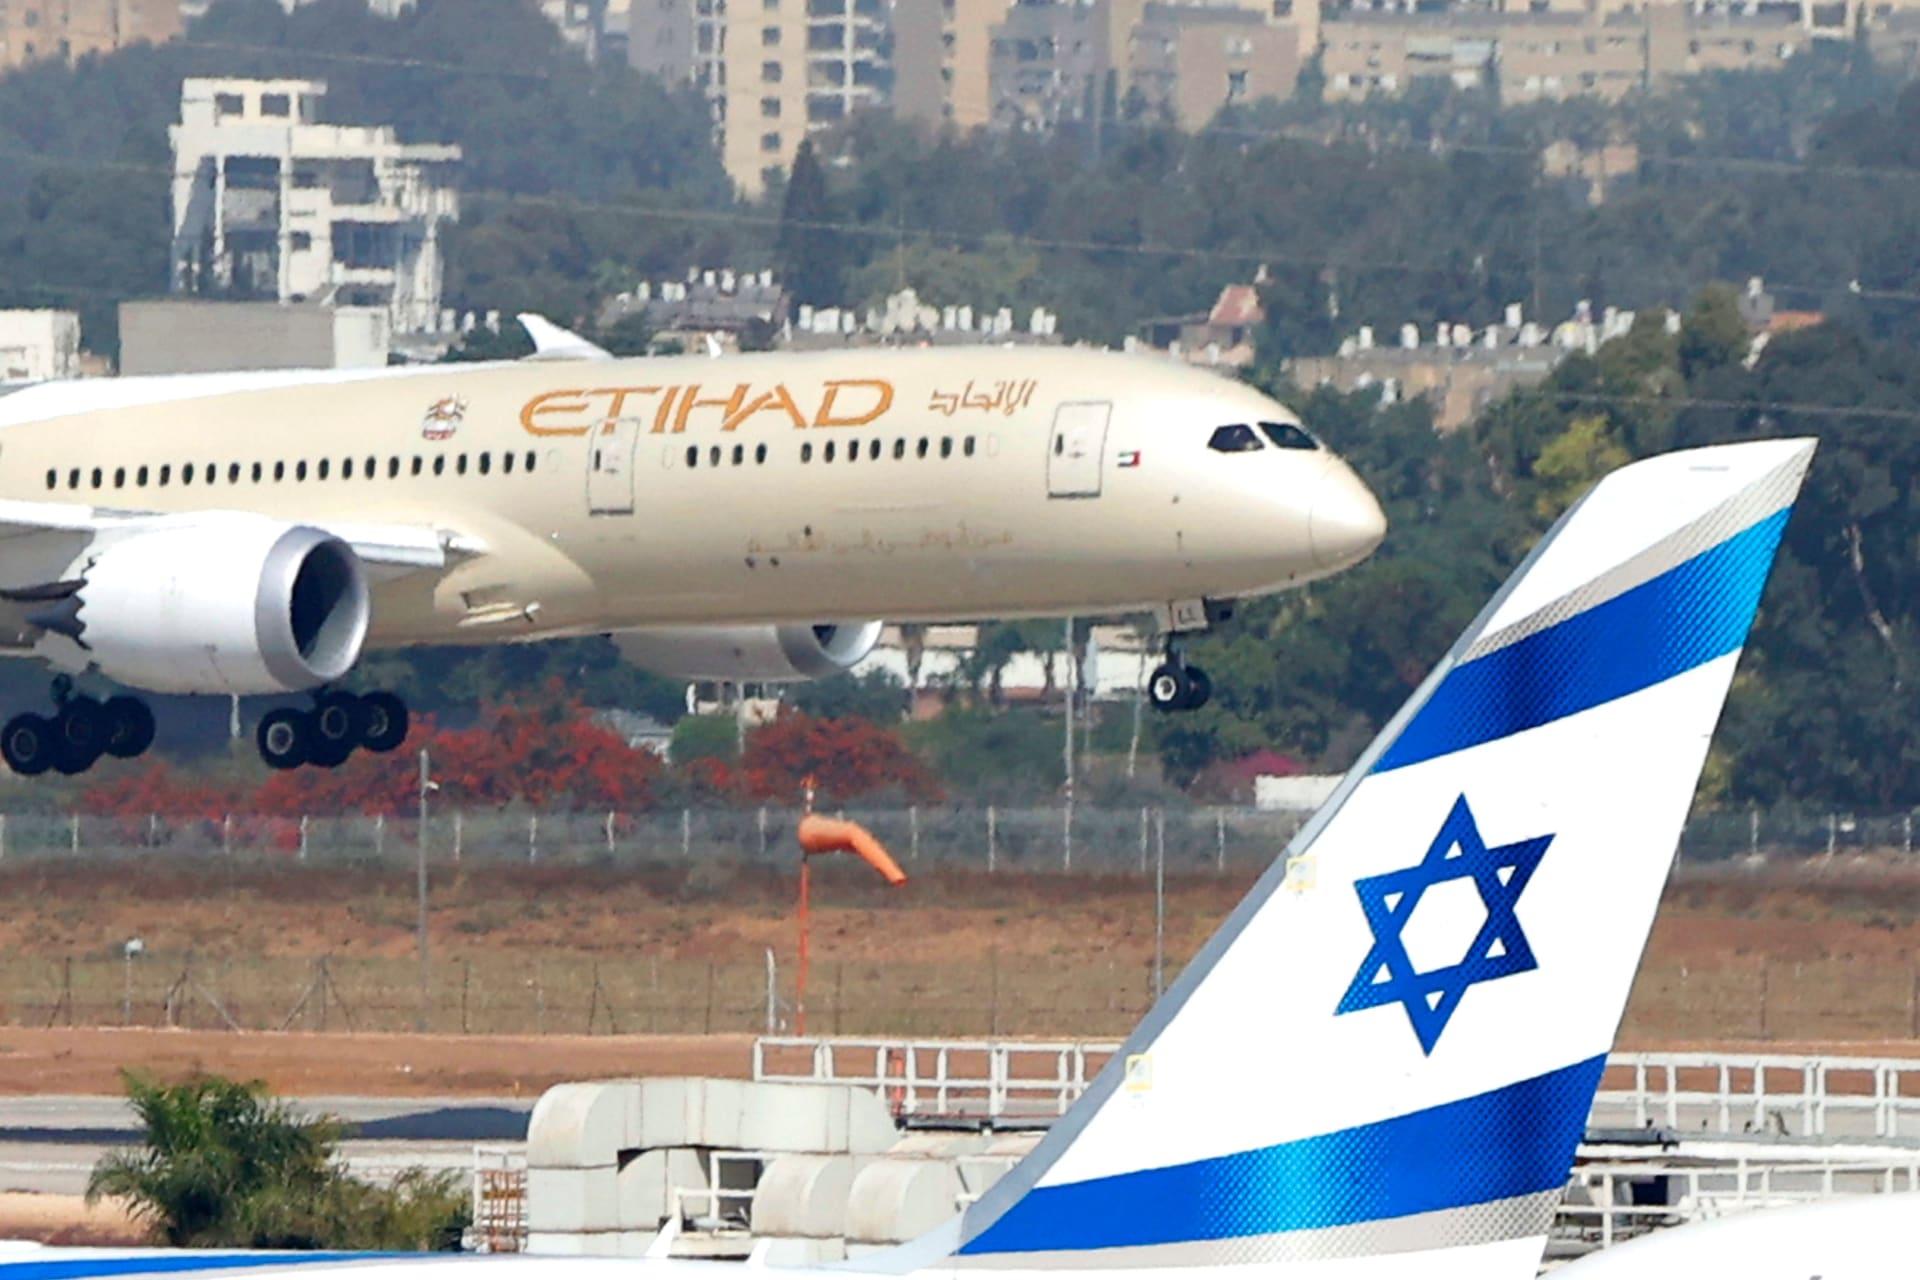 الاتحاد للطيران تٌسير أول رحلة منتظمة بين أبوظبي وتل أبيب.. والكشف عمن كان على متنها